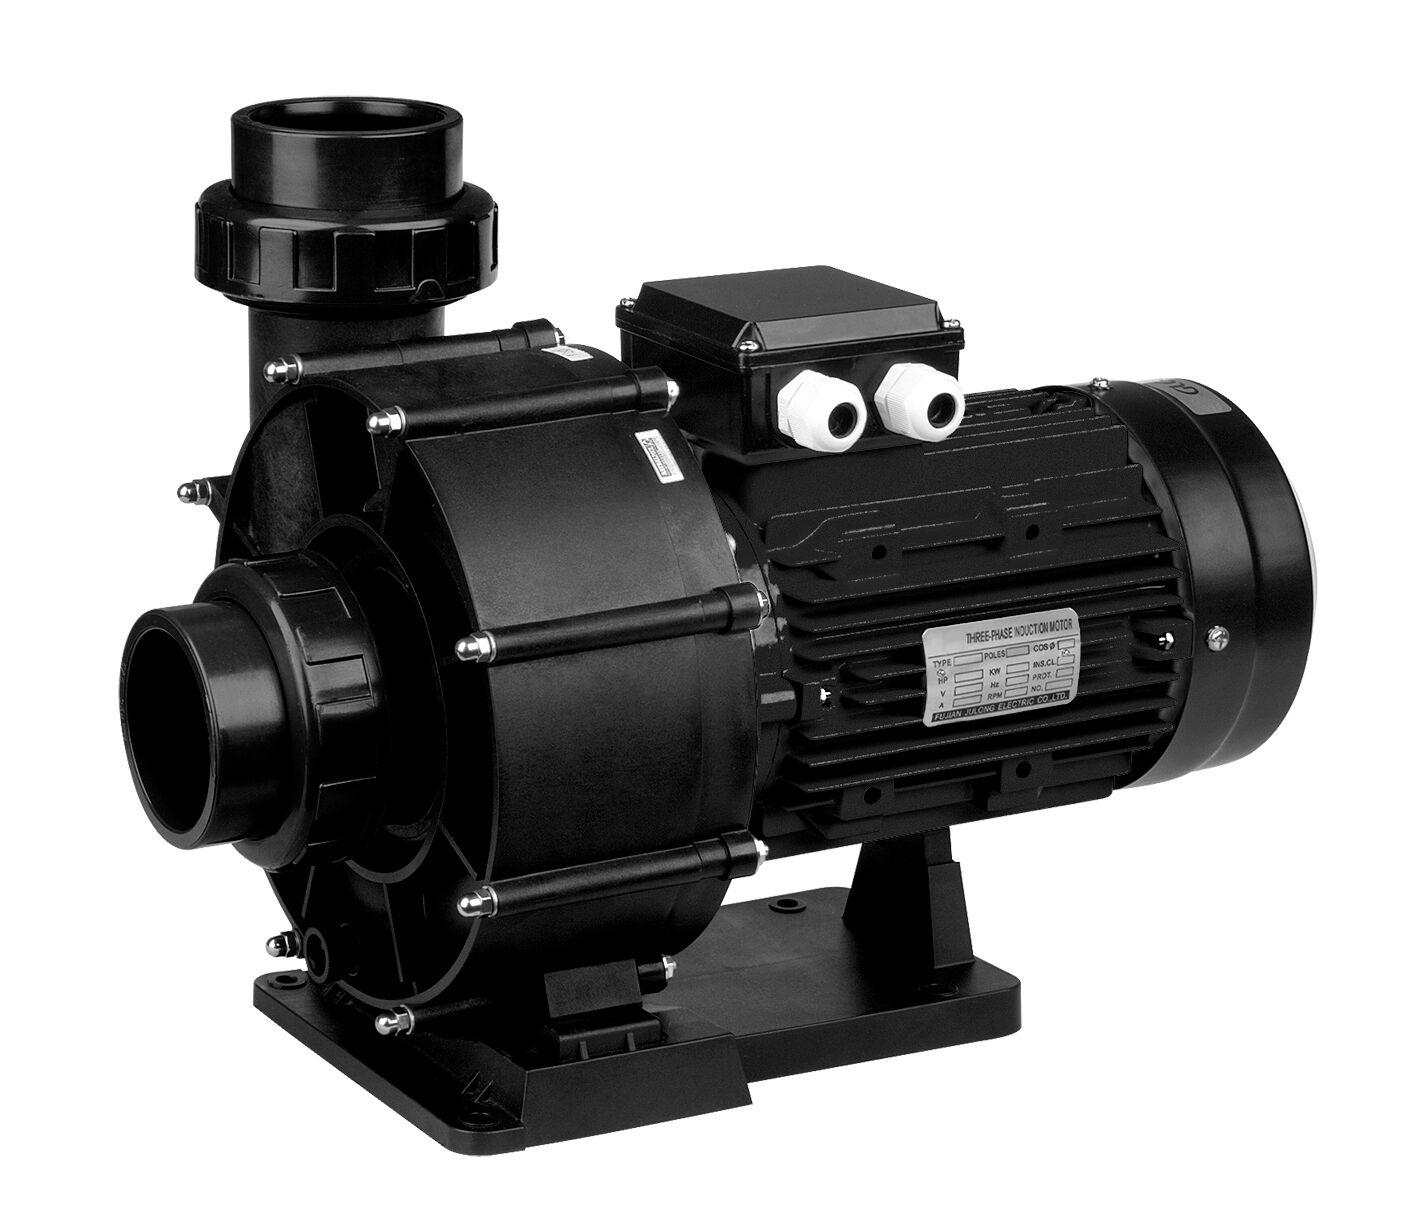 Hochleistungspumpe Jet Pumpe Gegenstromanlage Jet Swim 70m³ h 3.0HP 380 400V